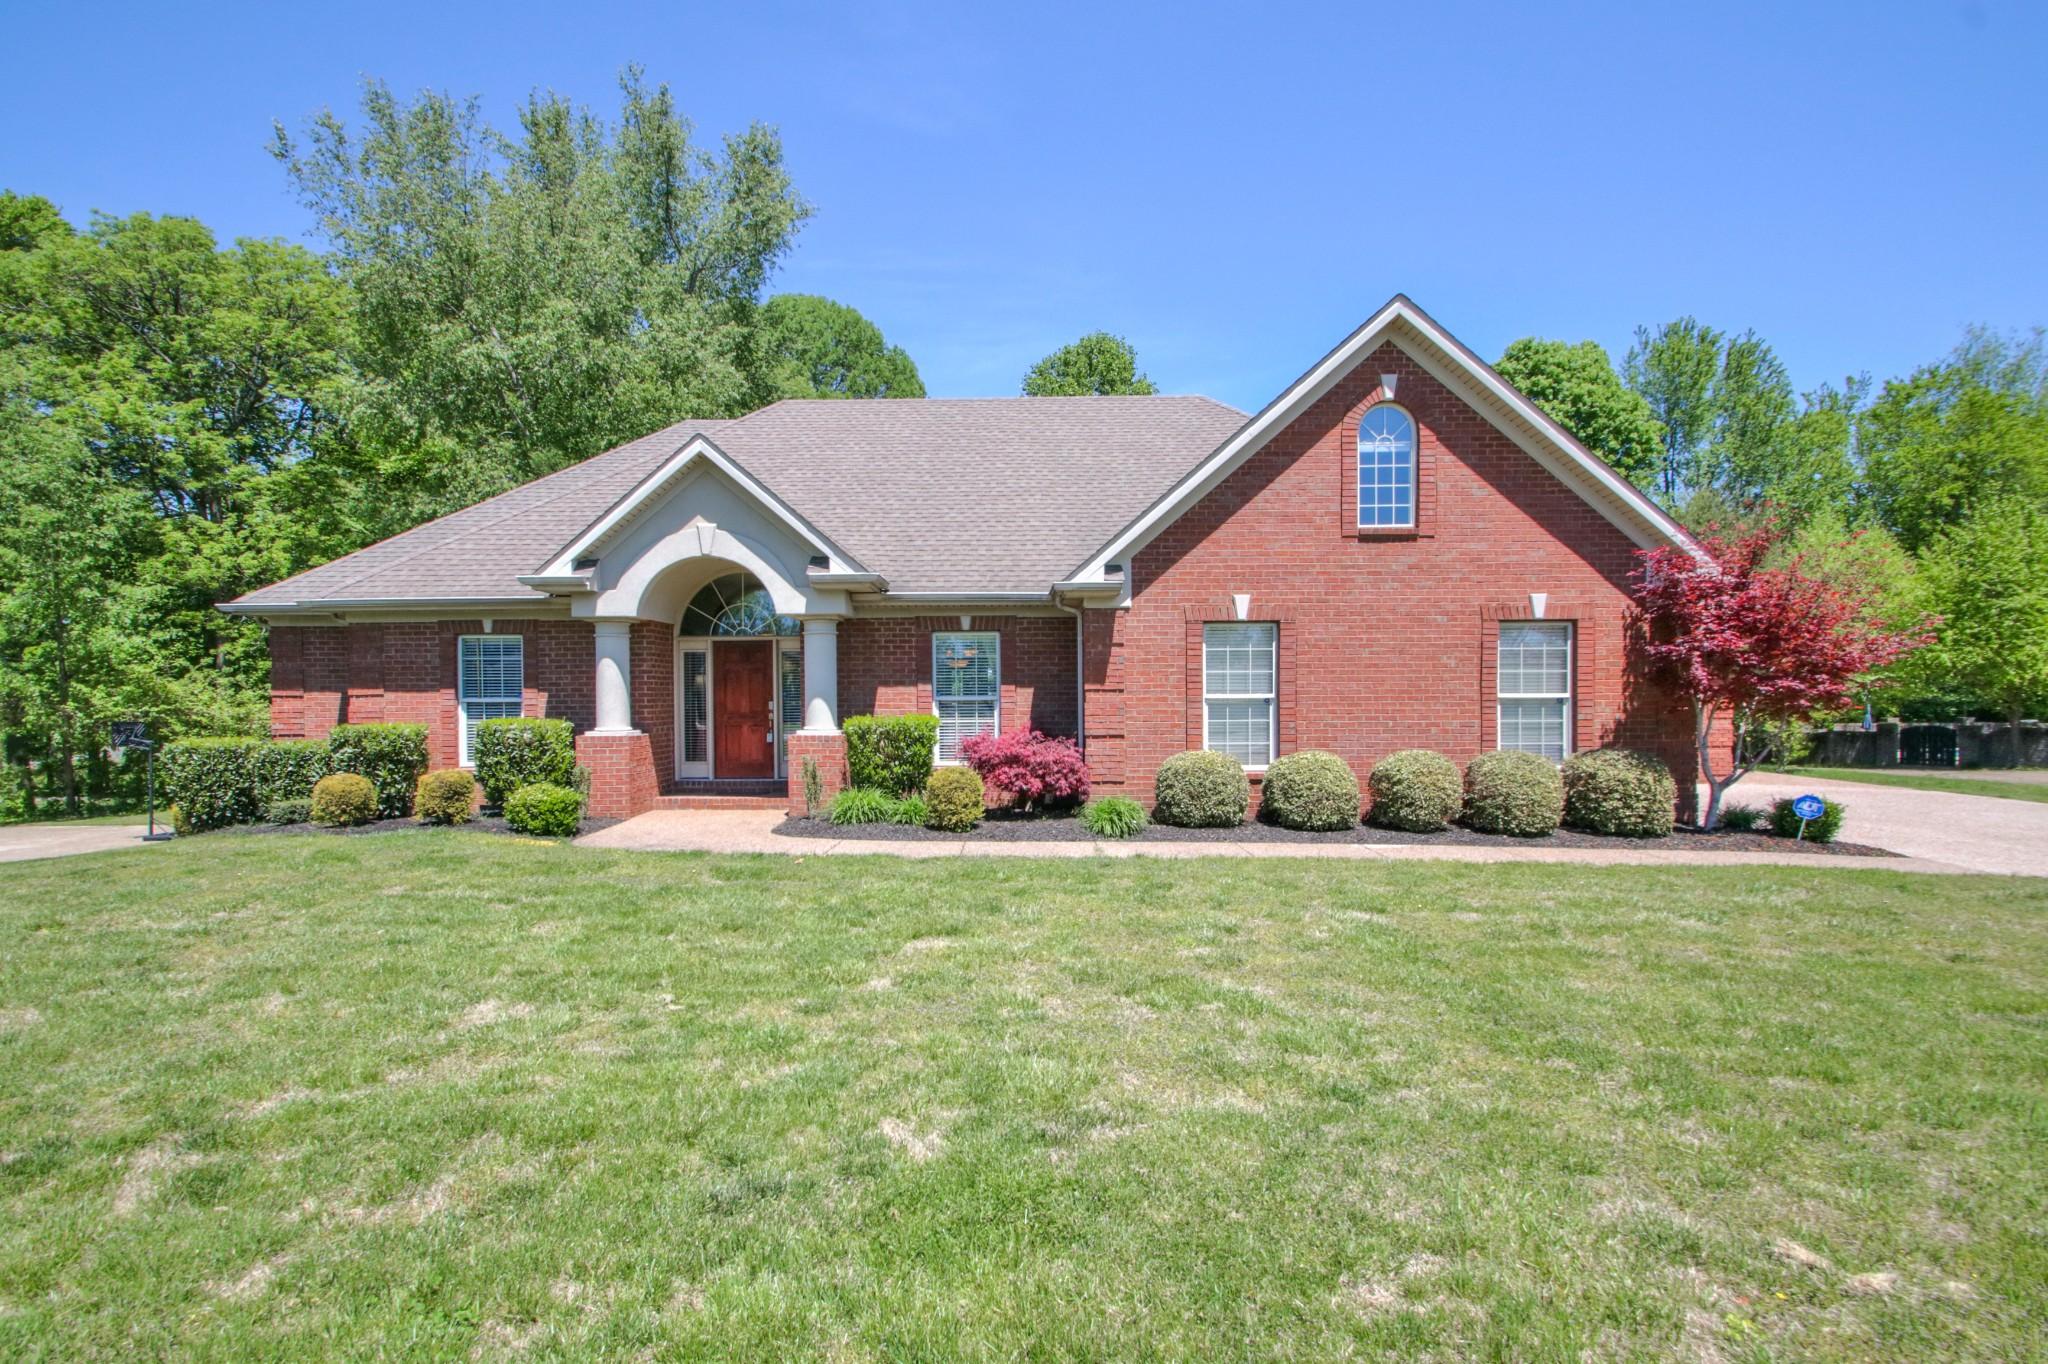 119 Millstone Way, White House, TN 37188 - White House, TN real estate listing